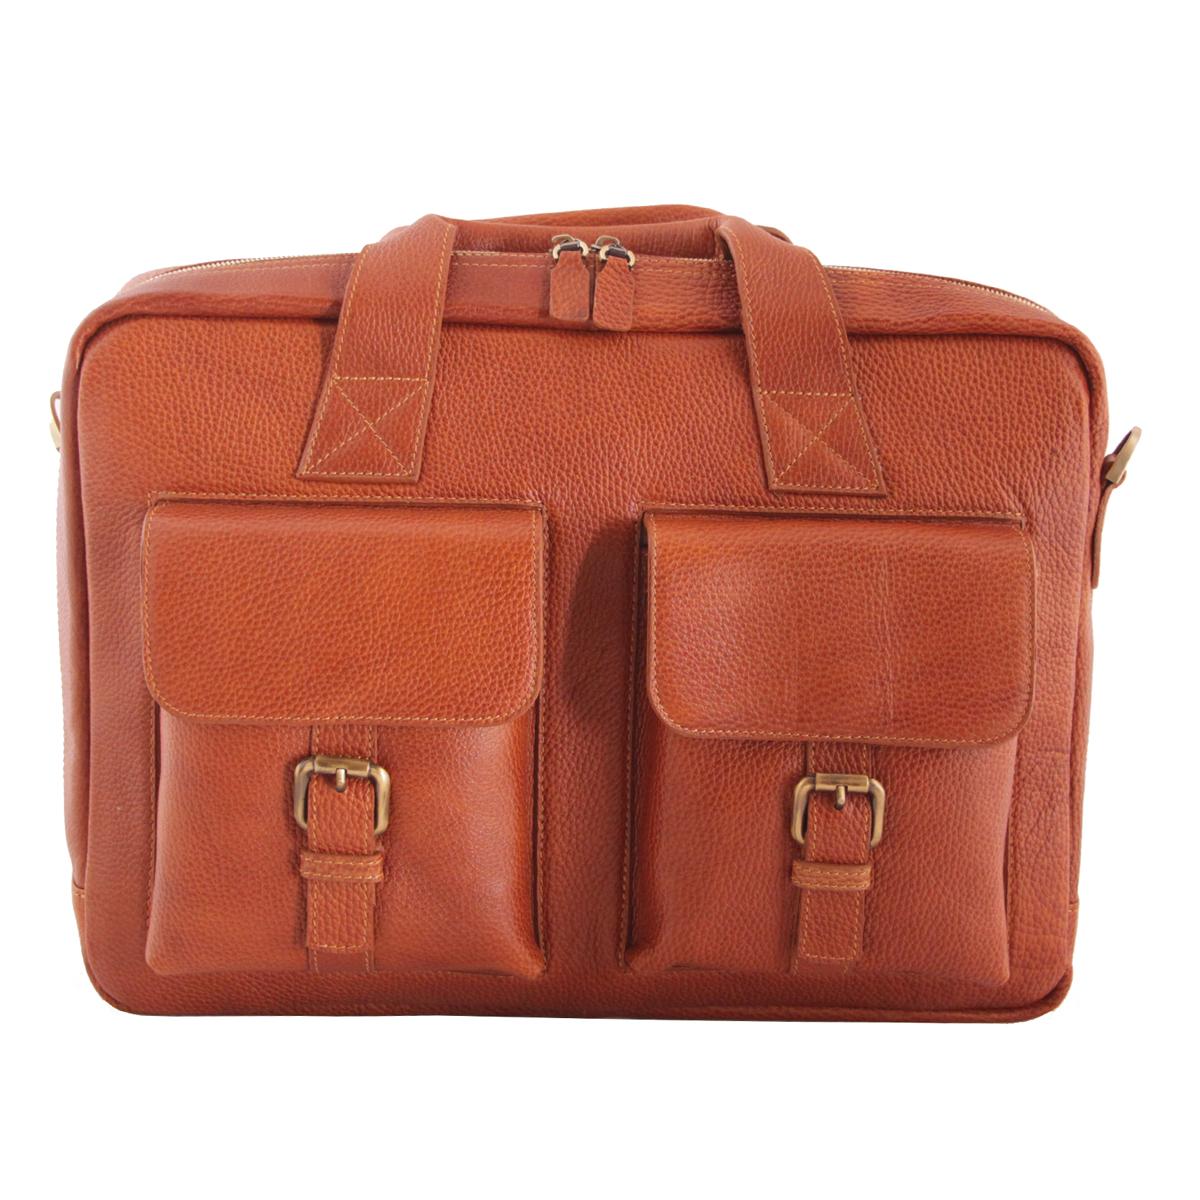 کیف اداری چرم طبیعی فلوتر آدین چرم مدل DL49.1